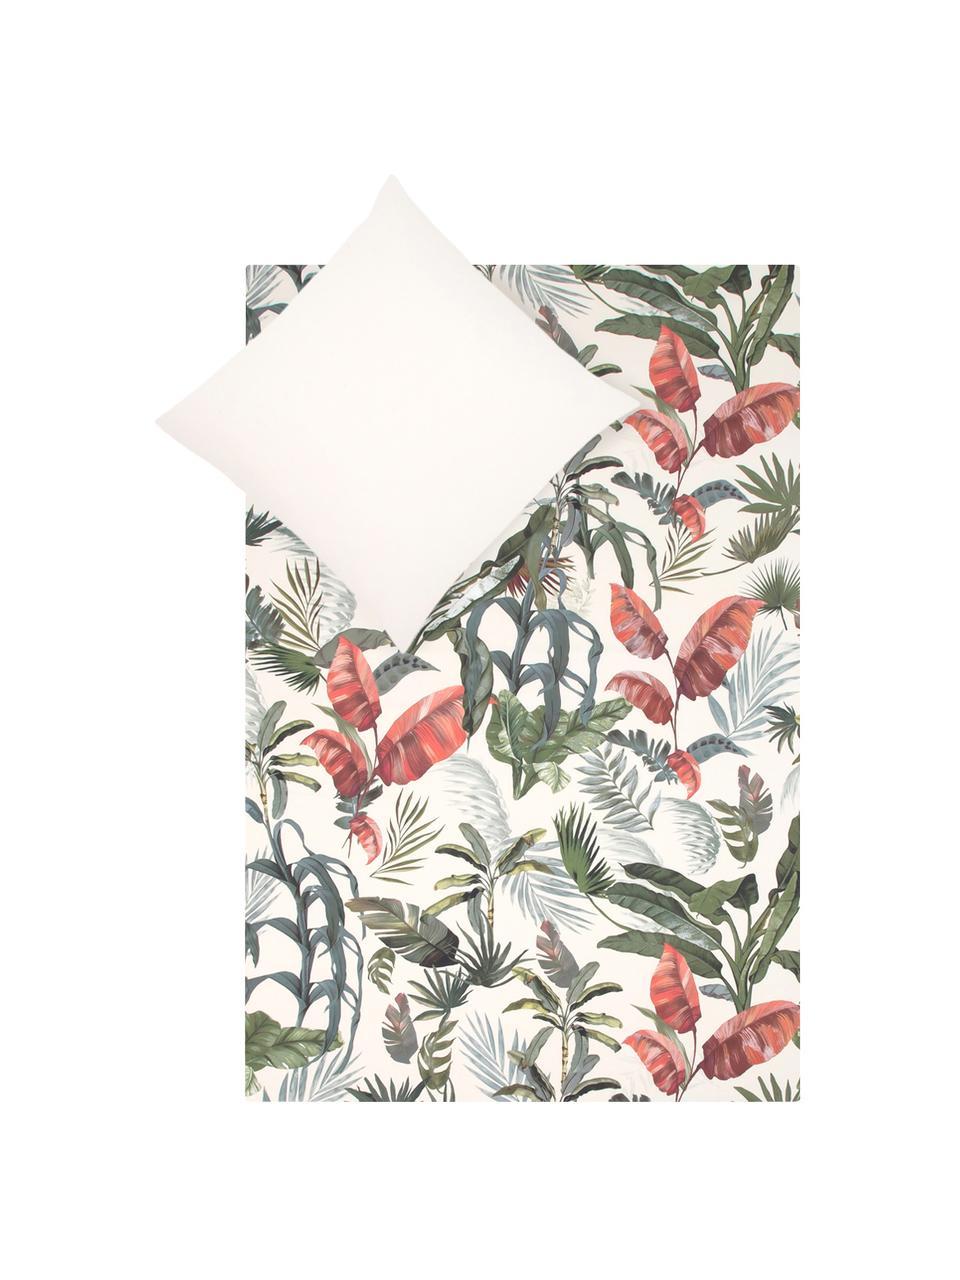 Baumwollperkal-Bettwäsche Tropicana mit tropischem Print, Webart: Perkal Fadendichte 200 TC, Vorderseite: MehrfarbigRückseite: Cremeweiss, 240 x 220 cm + 2 Kissen 80 x 80 cm